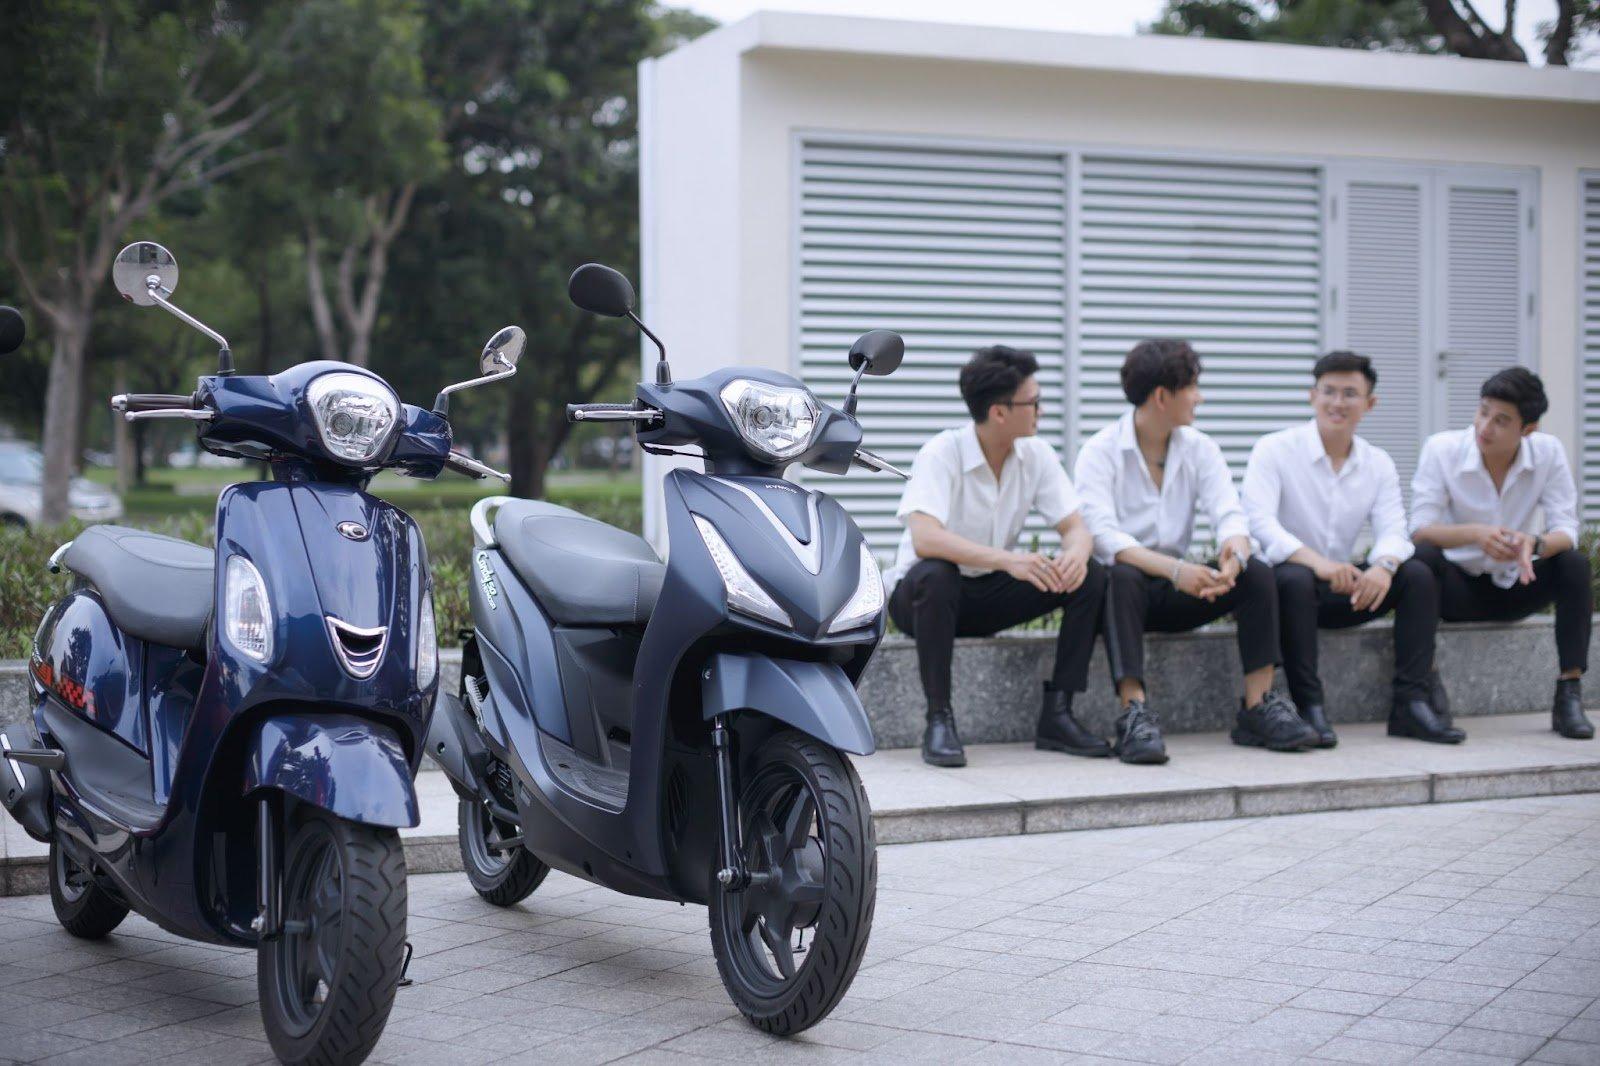 Kymco Việt Nam - Thương hiệu xe máy 50cc đến từ Đài Loan 2